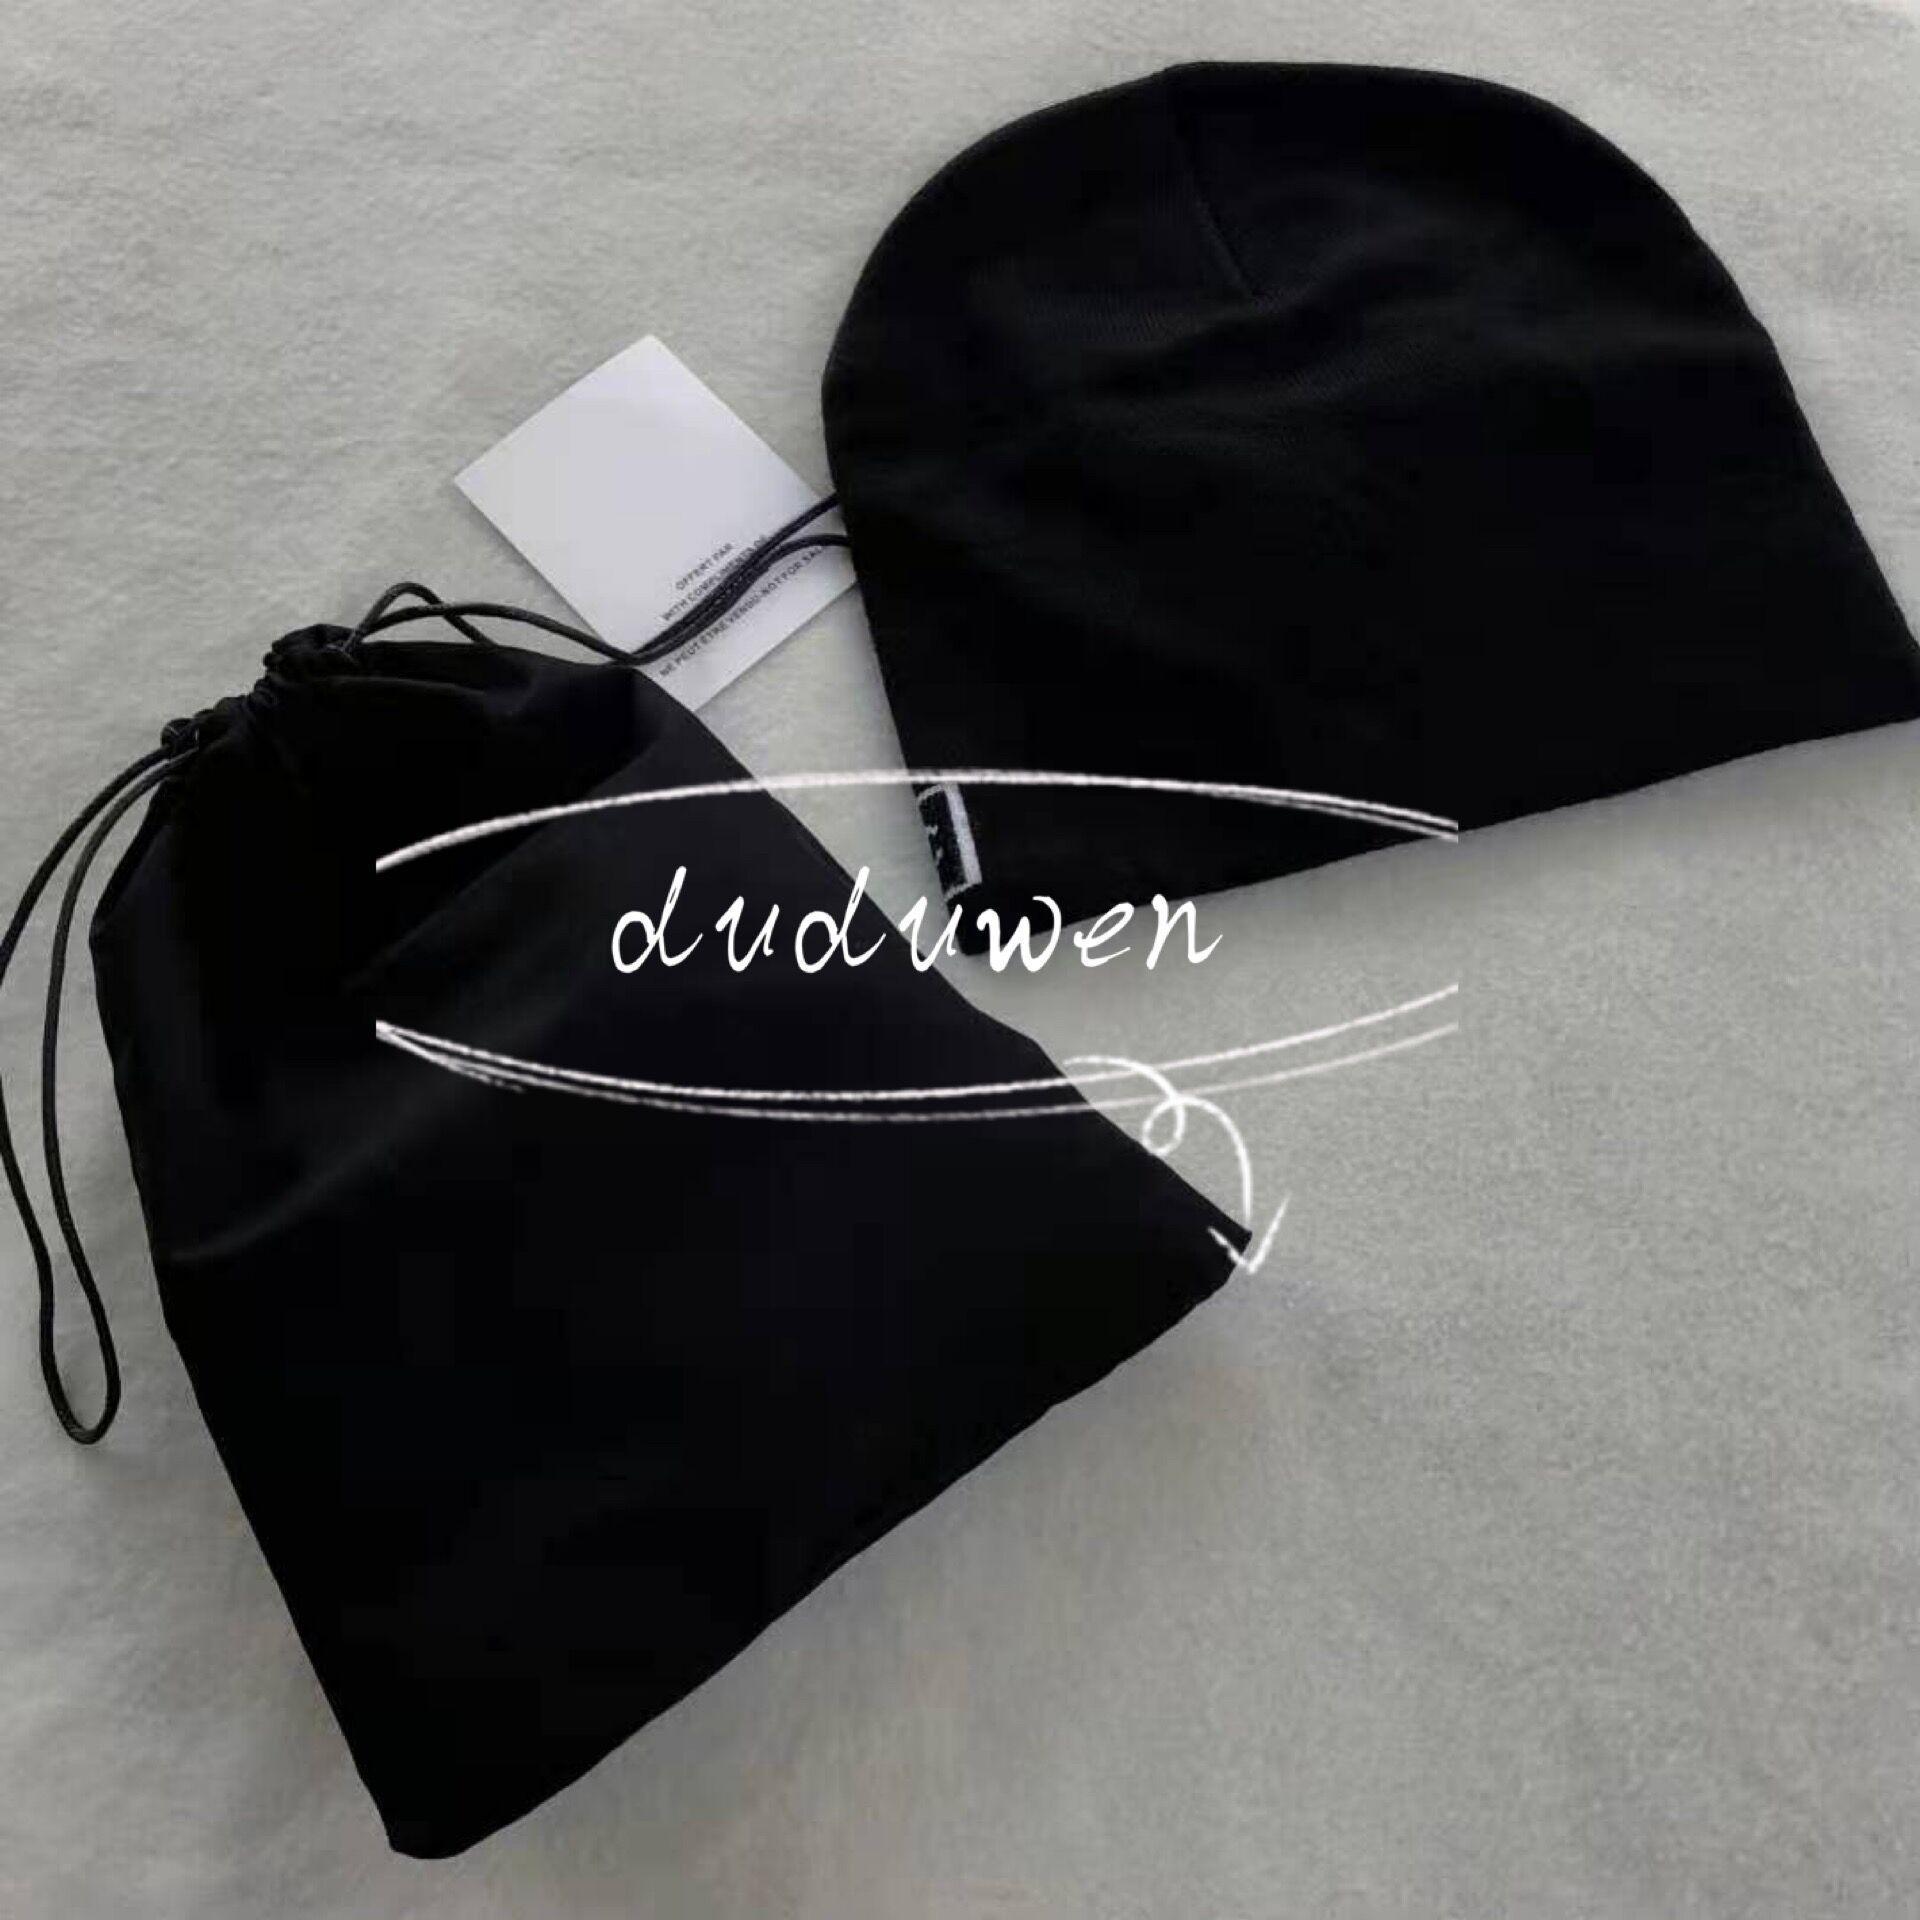 الأزياء متماسكة إلكتروني باين جمع ج بوتيك حزب القبعات الكلاسيكية سيدة الزي ل daliy أو حزب مع هدية حزمة حقيبة الغبار